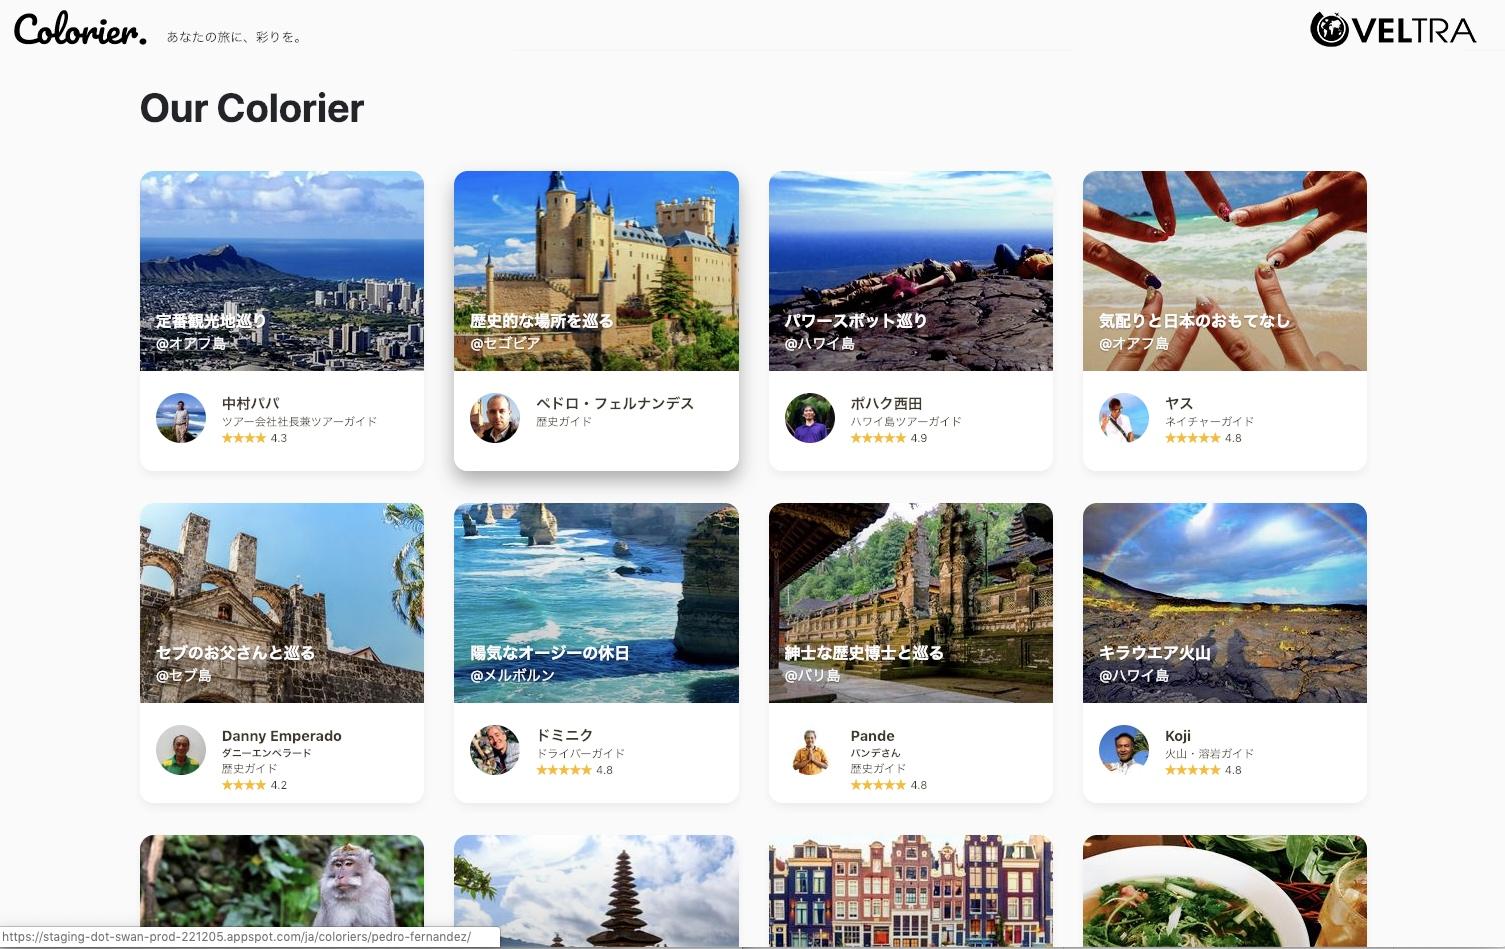 タビナカ体験予約「ベルトラ」、現地ガイドと旅行者を結ぶ新サイトを公開、まずはハワイなどで